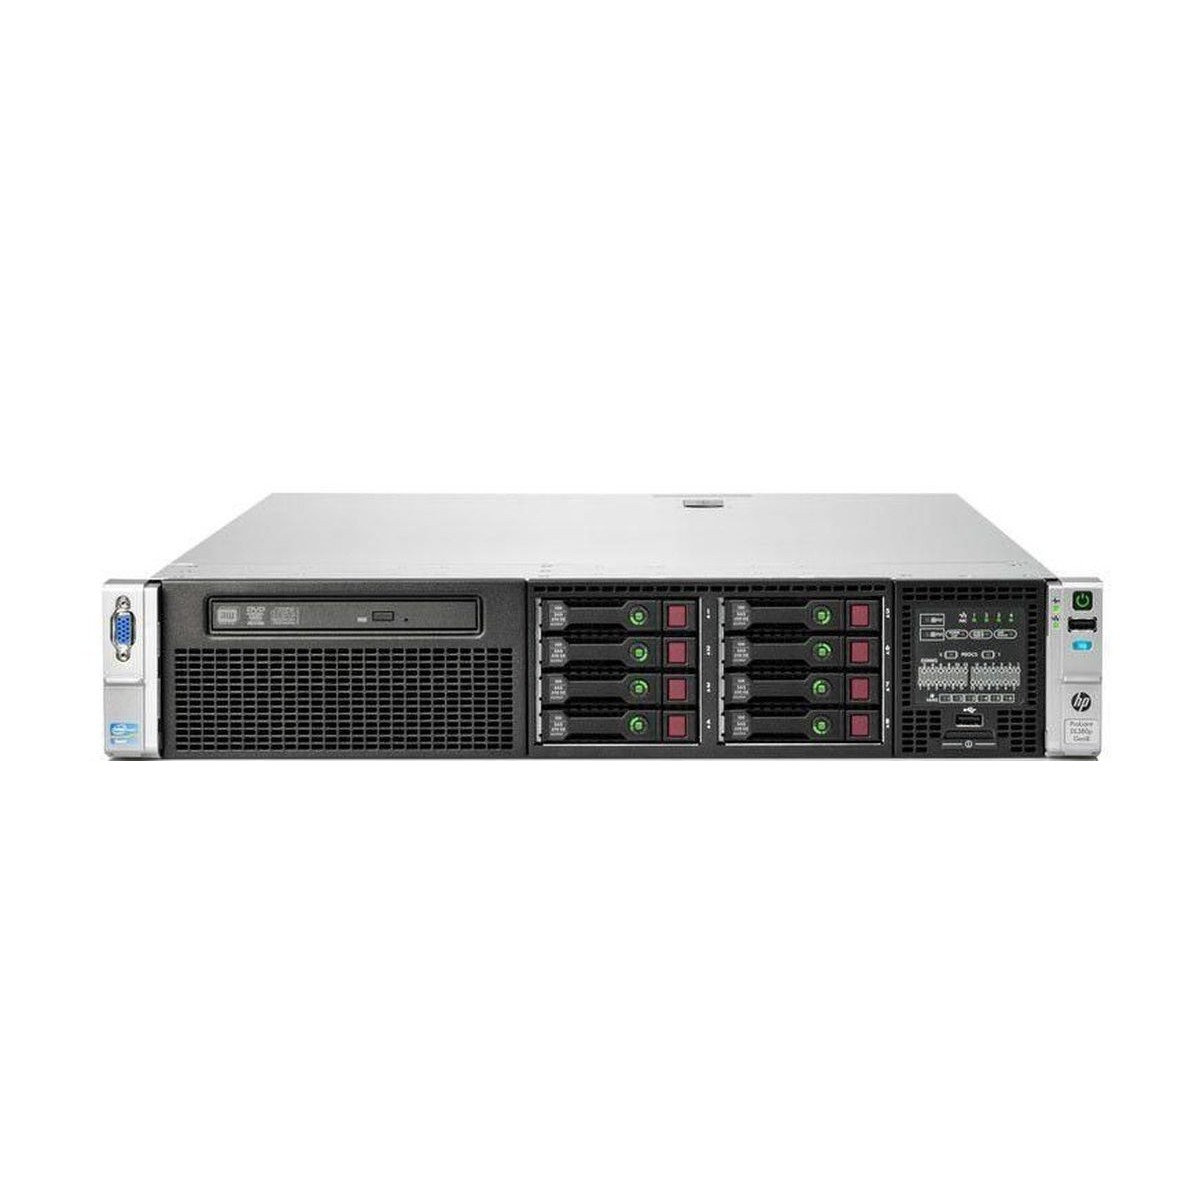 HP DL380p G8 2x2.4 E5 16GB 2x500GB SAS P420i